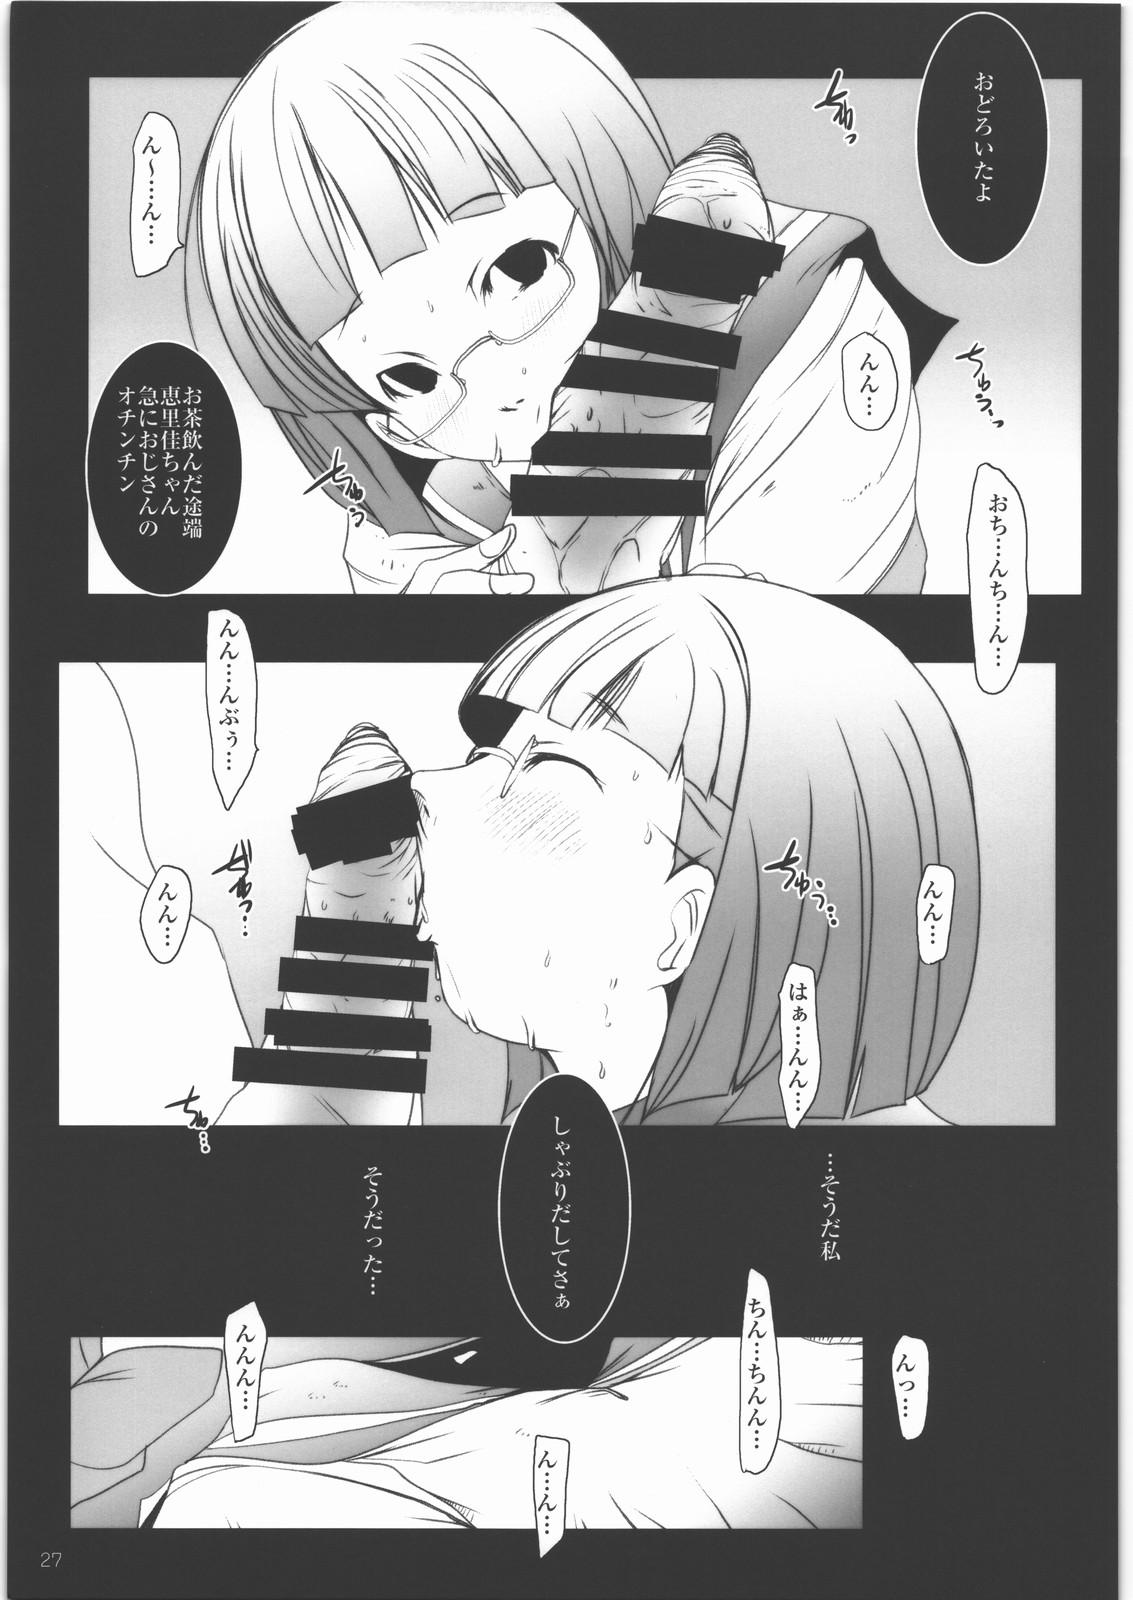 【エロ漫画・エロ同人誌】巨乳人妻から巨乳女子校生までエッチなセフレとのセックスをどぞwwwwwwwwwwwwww (26)